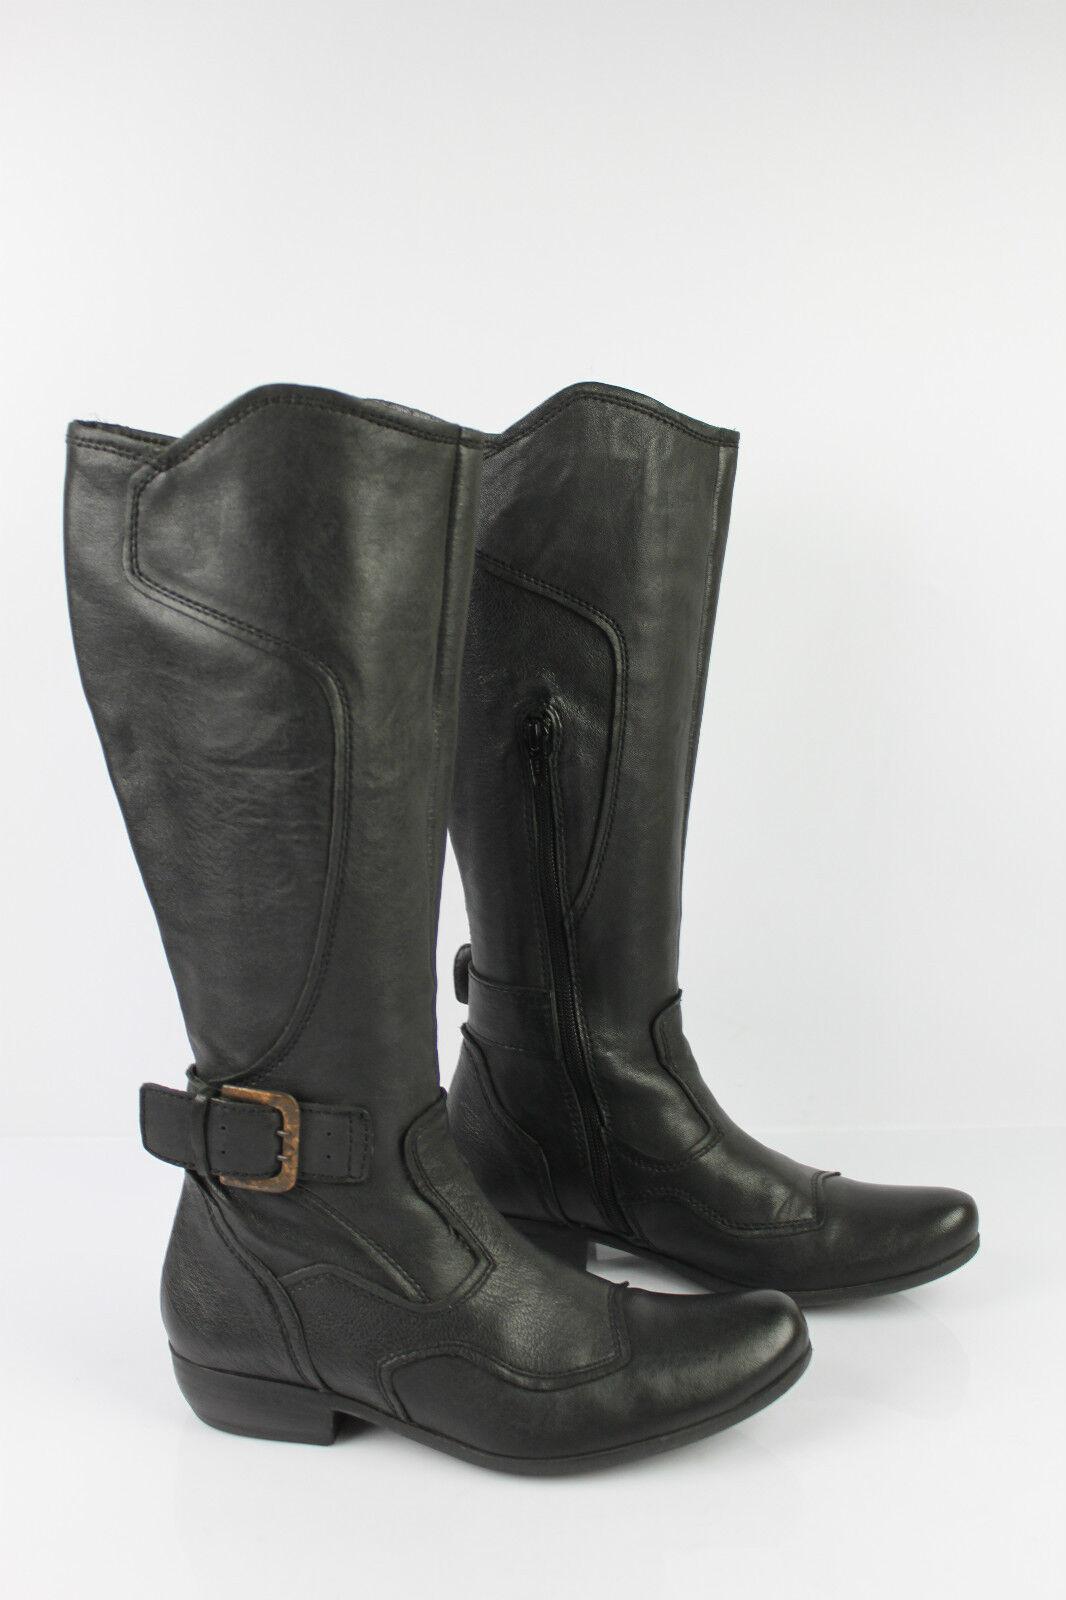 Stiefel ROBERTO DURVILLE schwarzes Leder t 36 seht guter Zustand